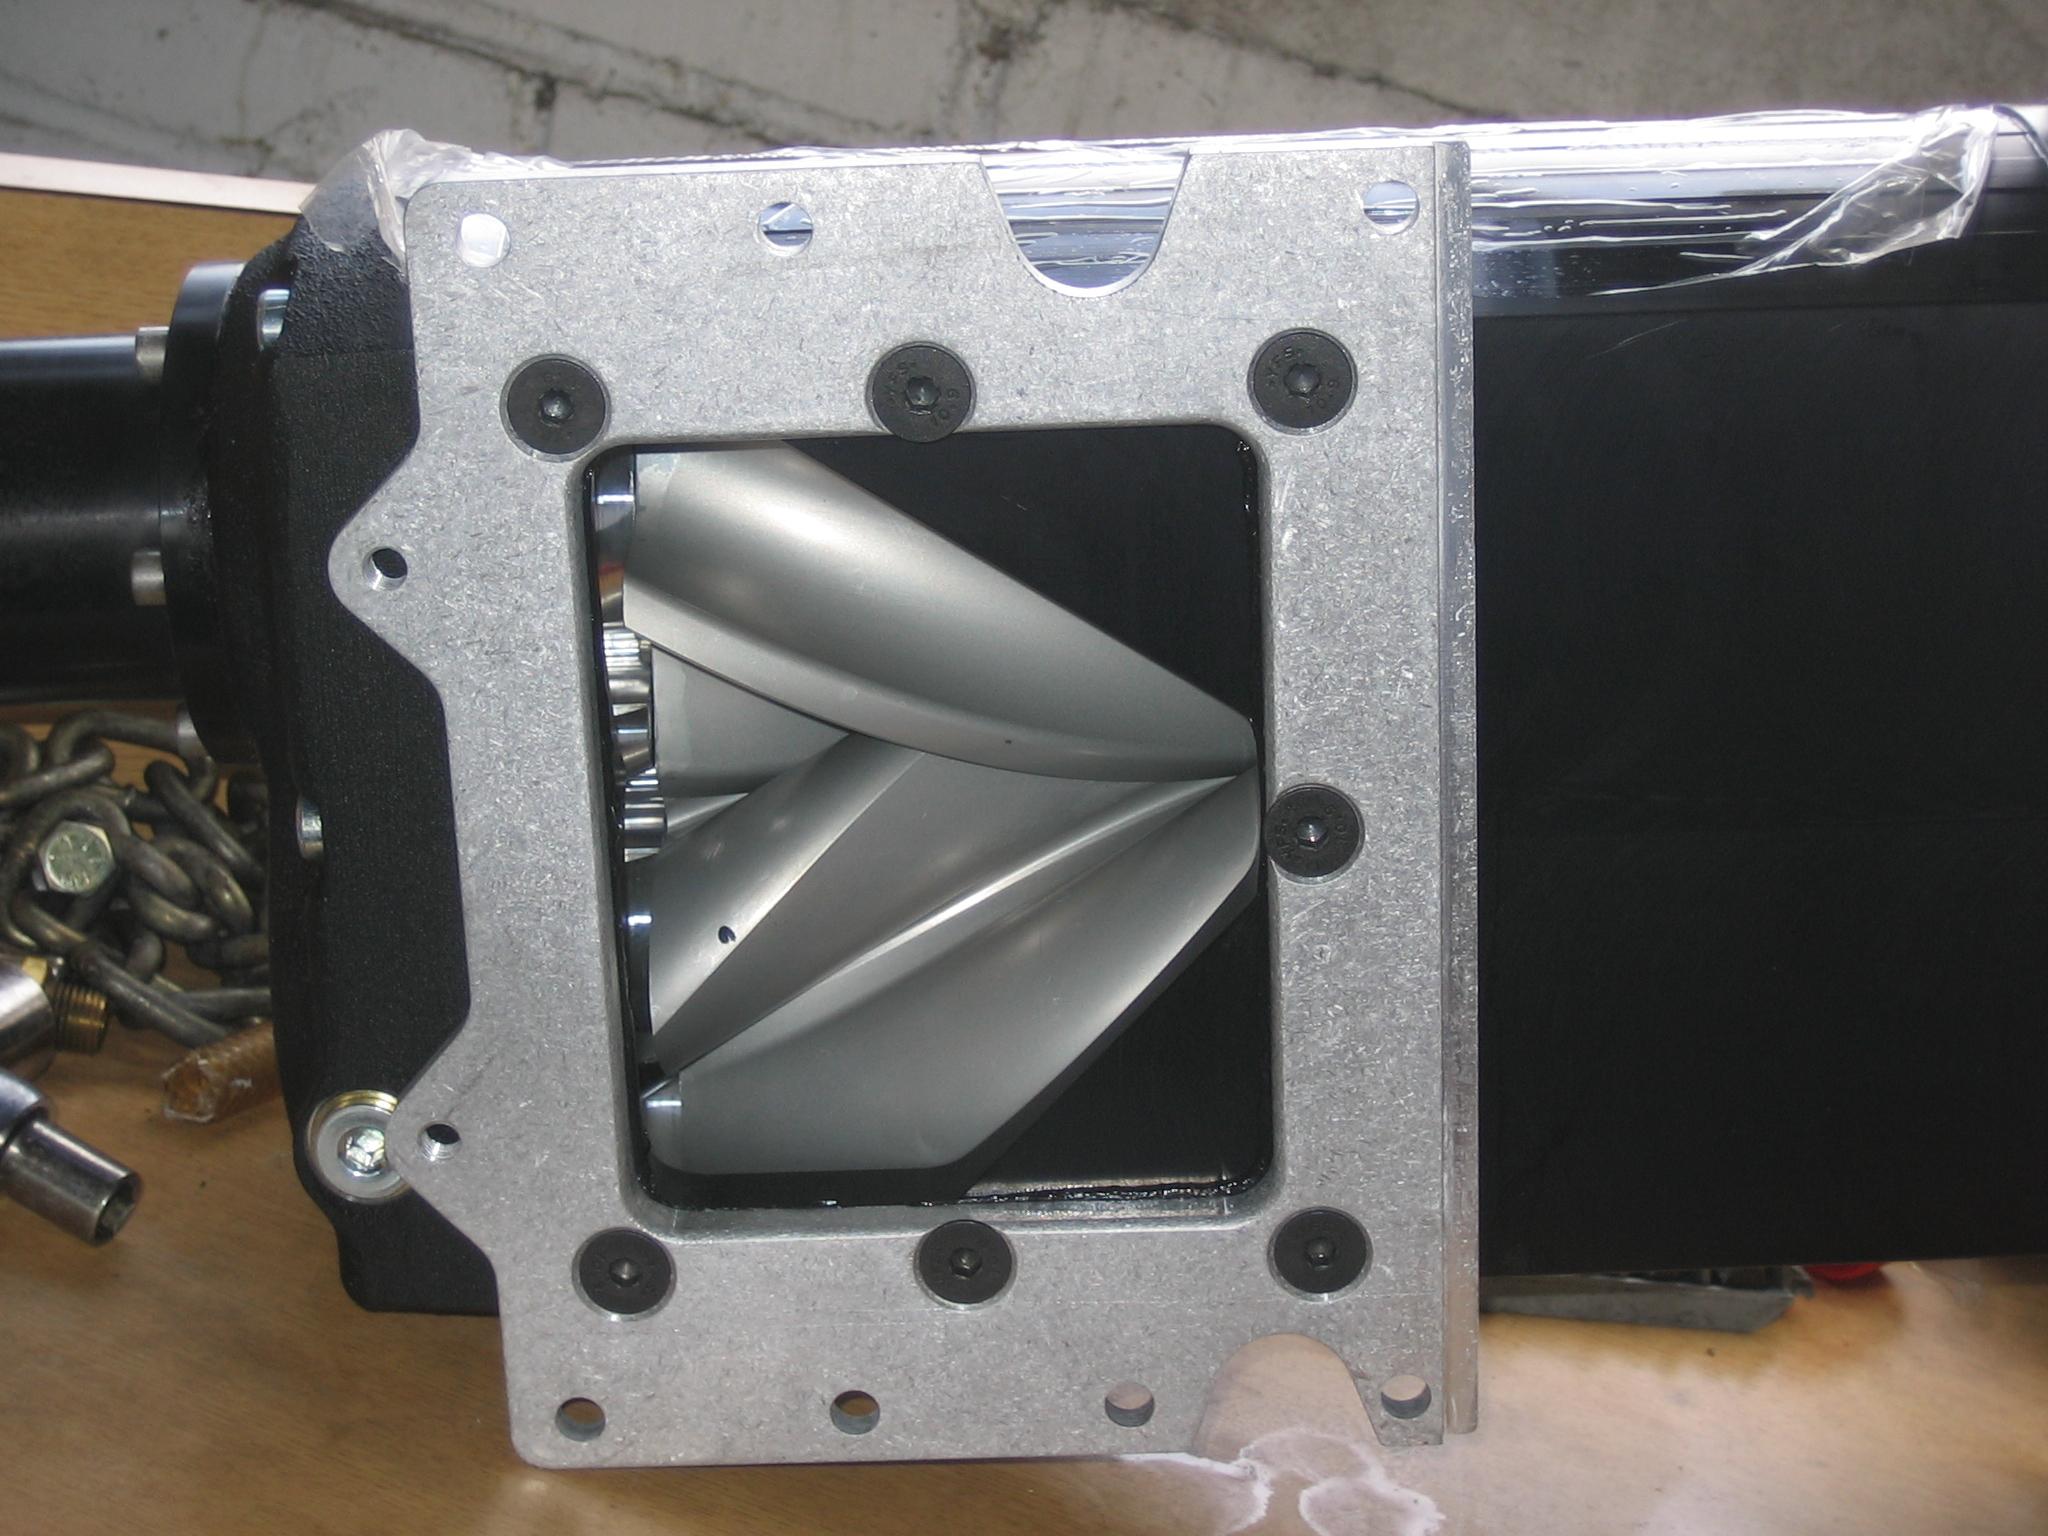 C5 corvette blower motor location blower motor for Blower motor resistor location